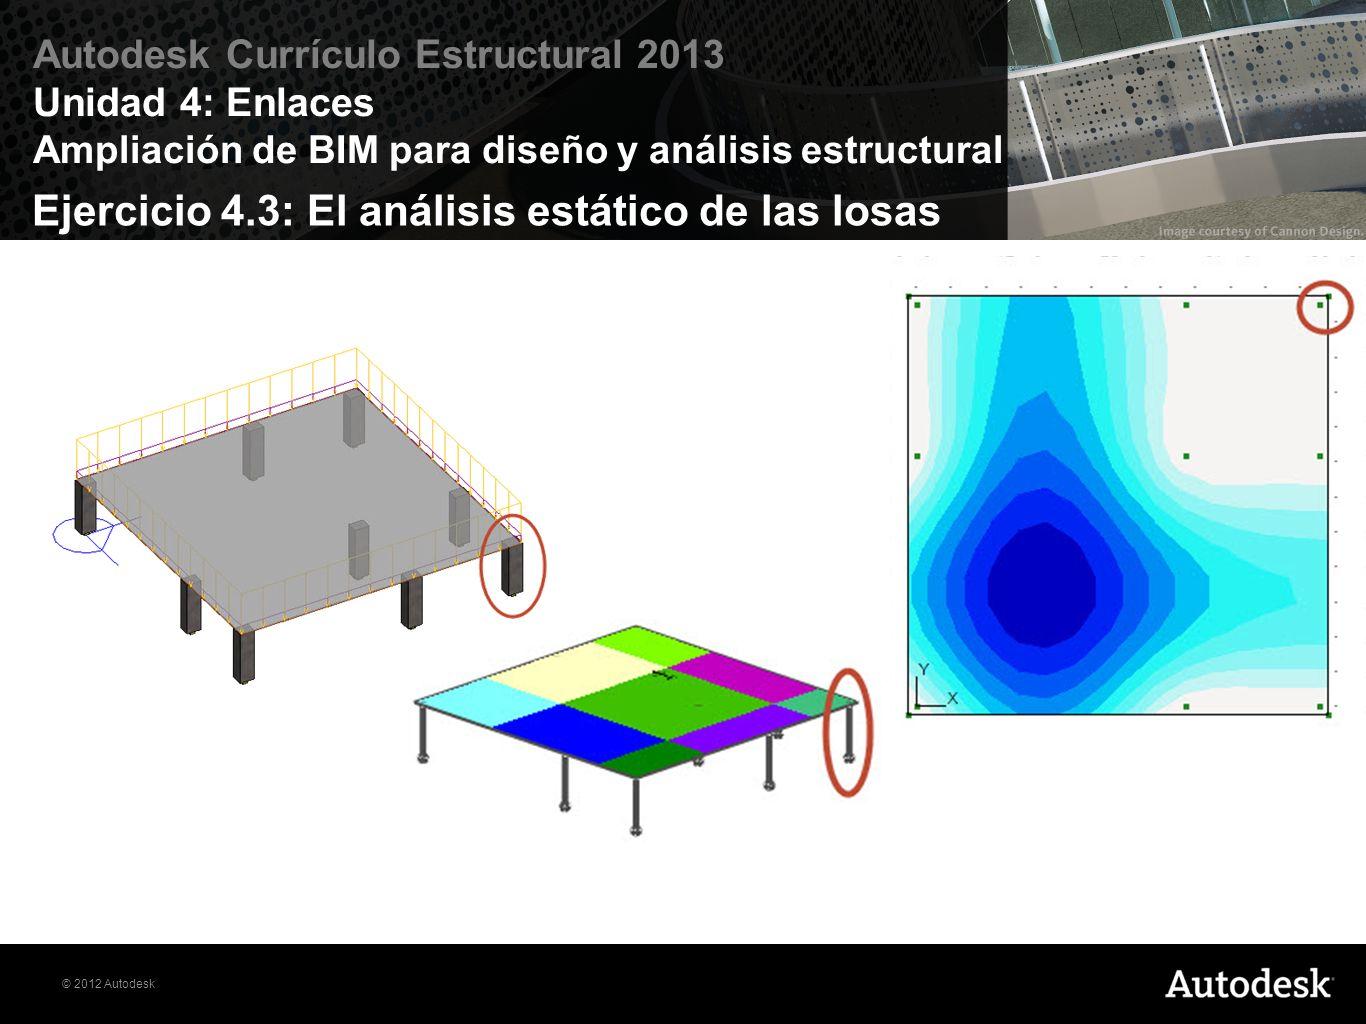 © 2012 Autodesk Autodesk Currículo Estructural 2013 Unidad 4: Enlaces Ampliación de BIM para diseño y análisis estructural Ejercicio 4.3: El análisis